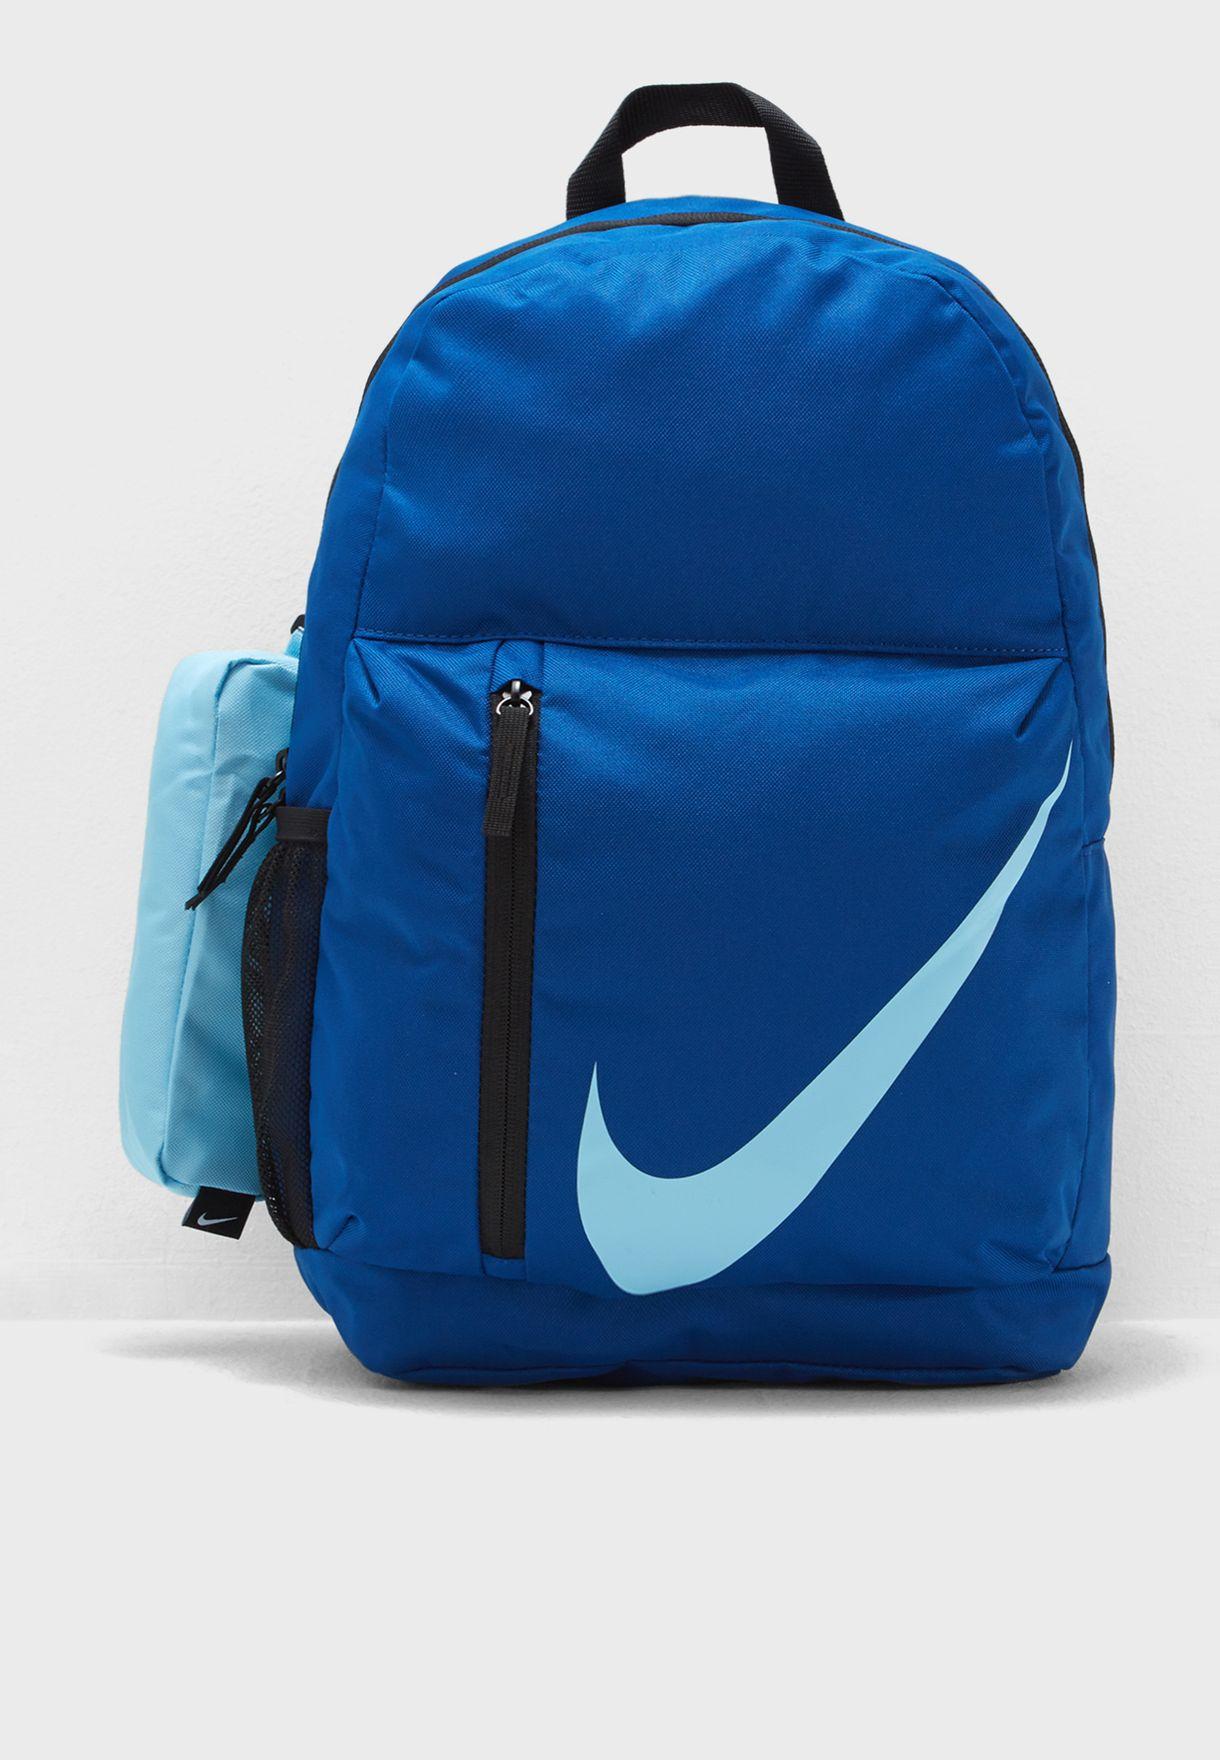 46b9a346dde2 Shop Nike blue Elemental Backpack BA5405-431 for Kids in UAE ...